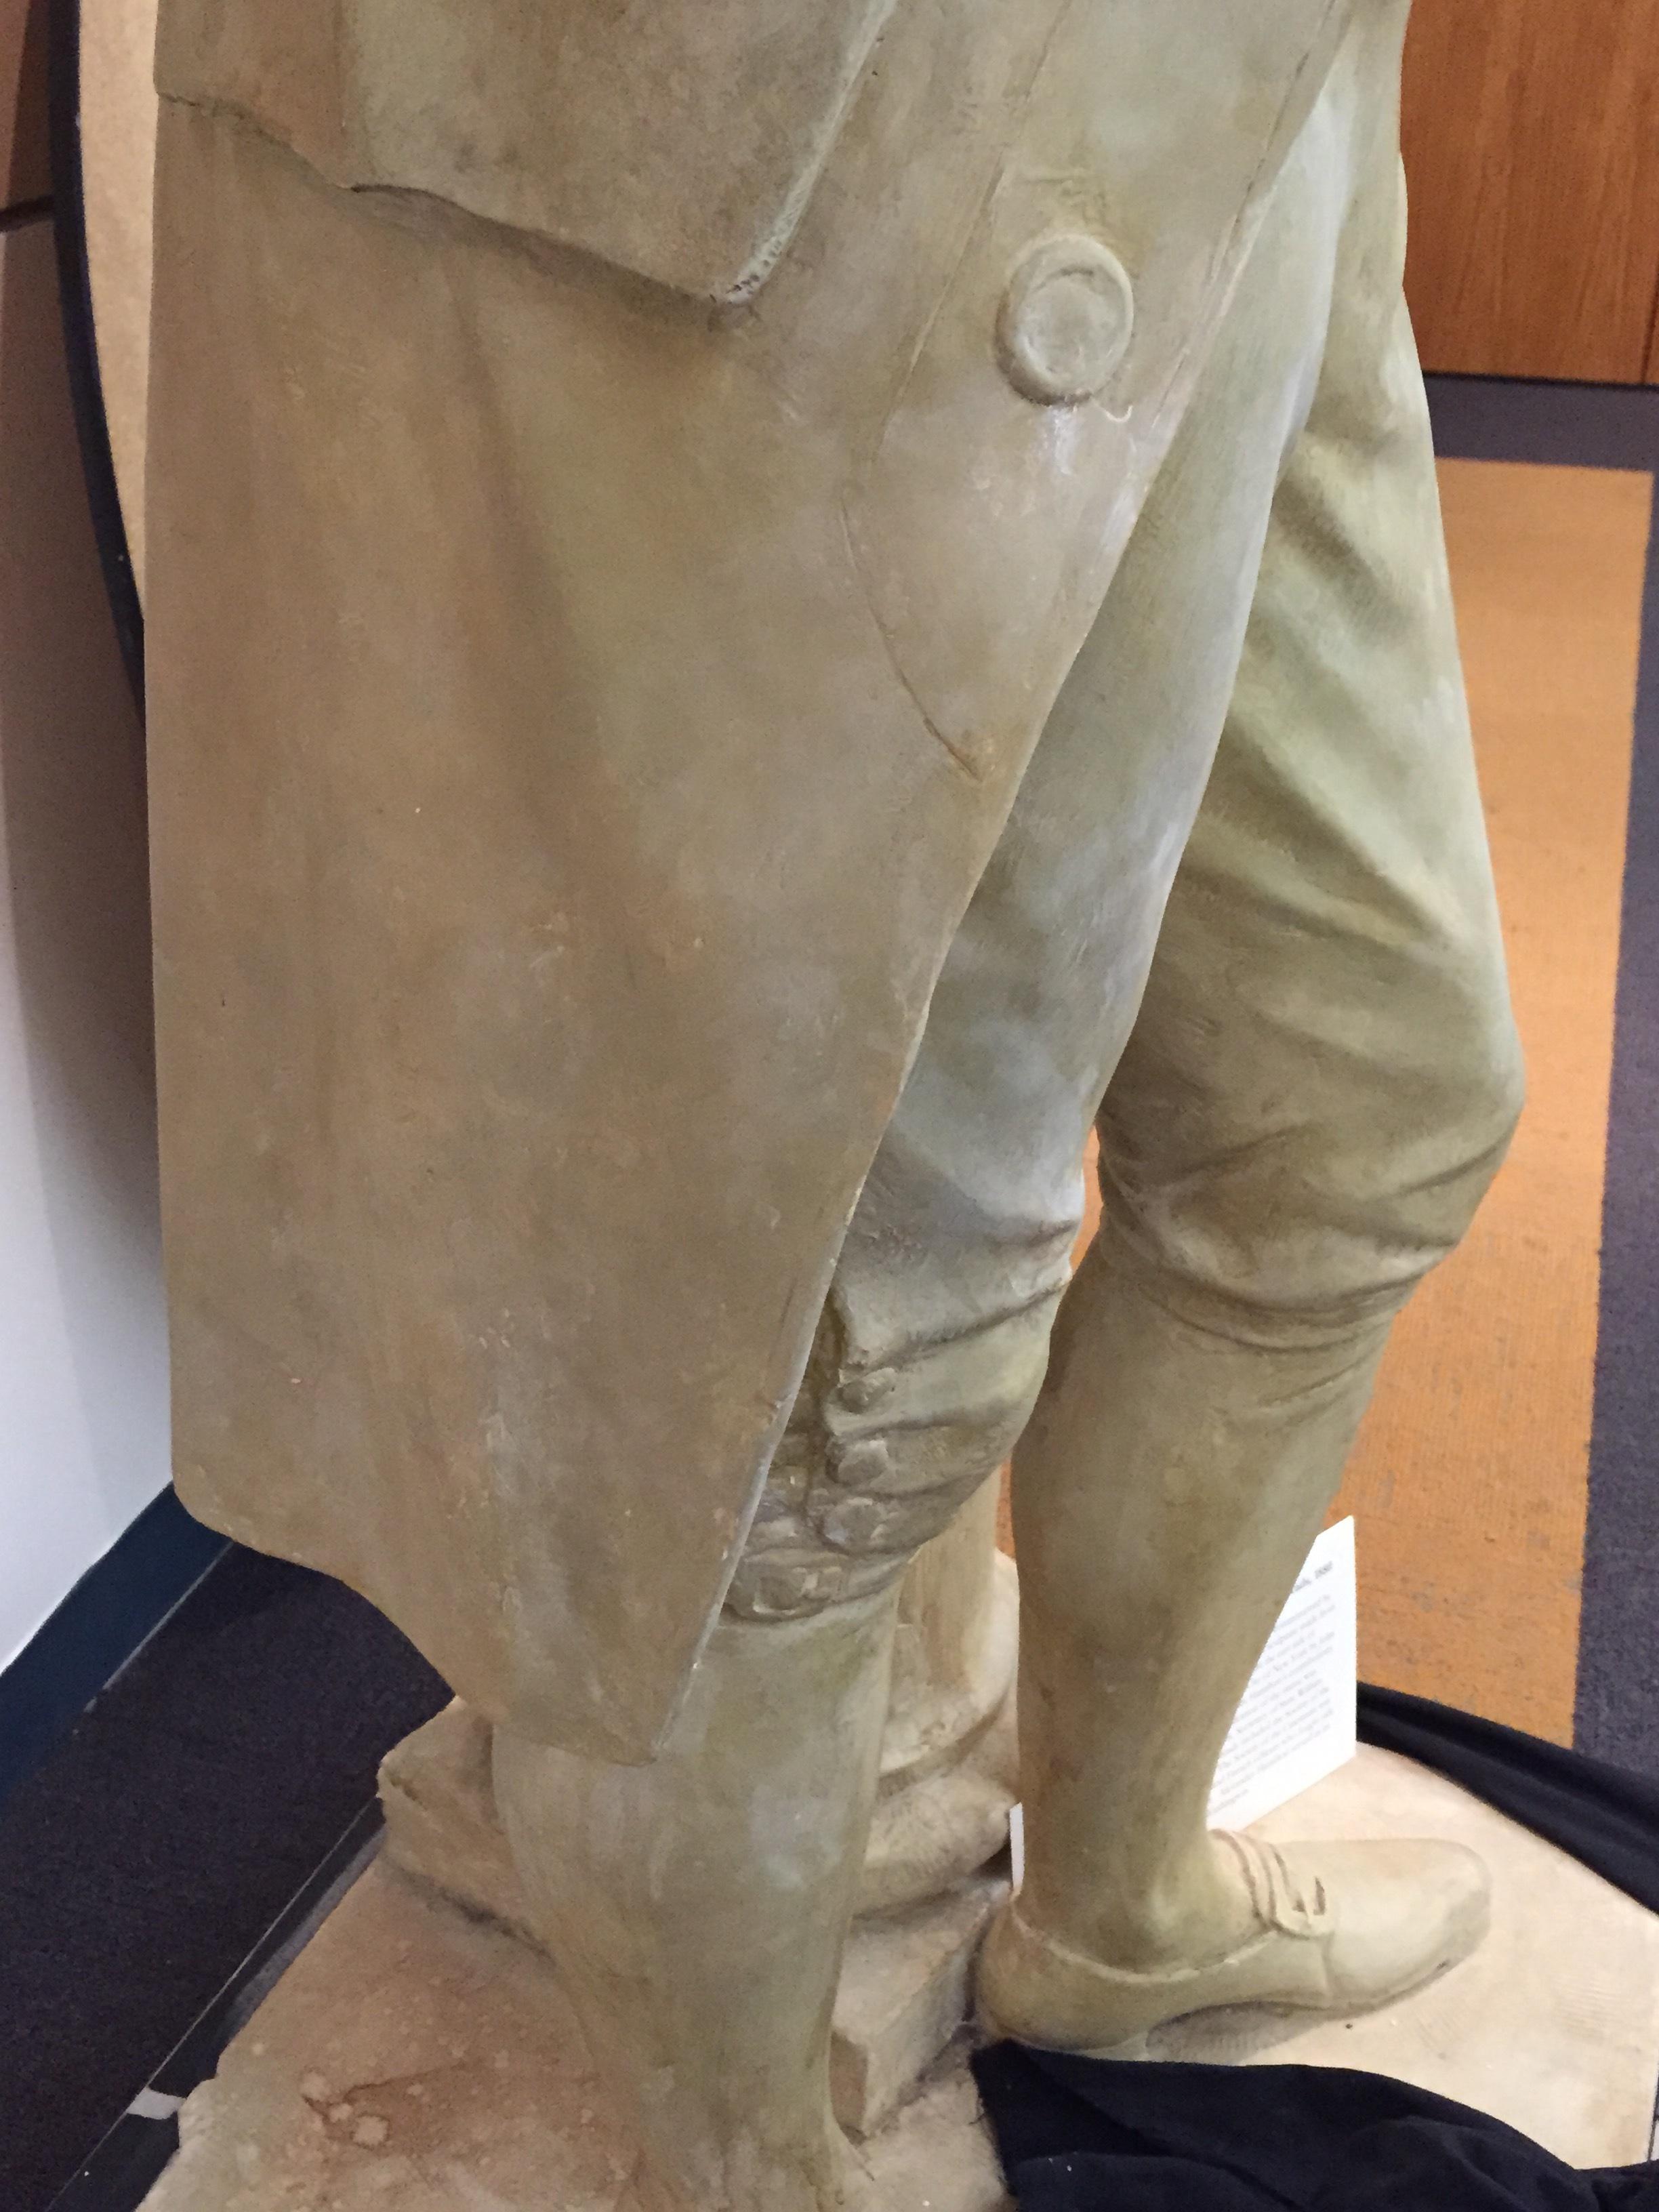 Plaster Coat of Benjamin Franklin